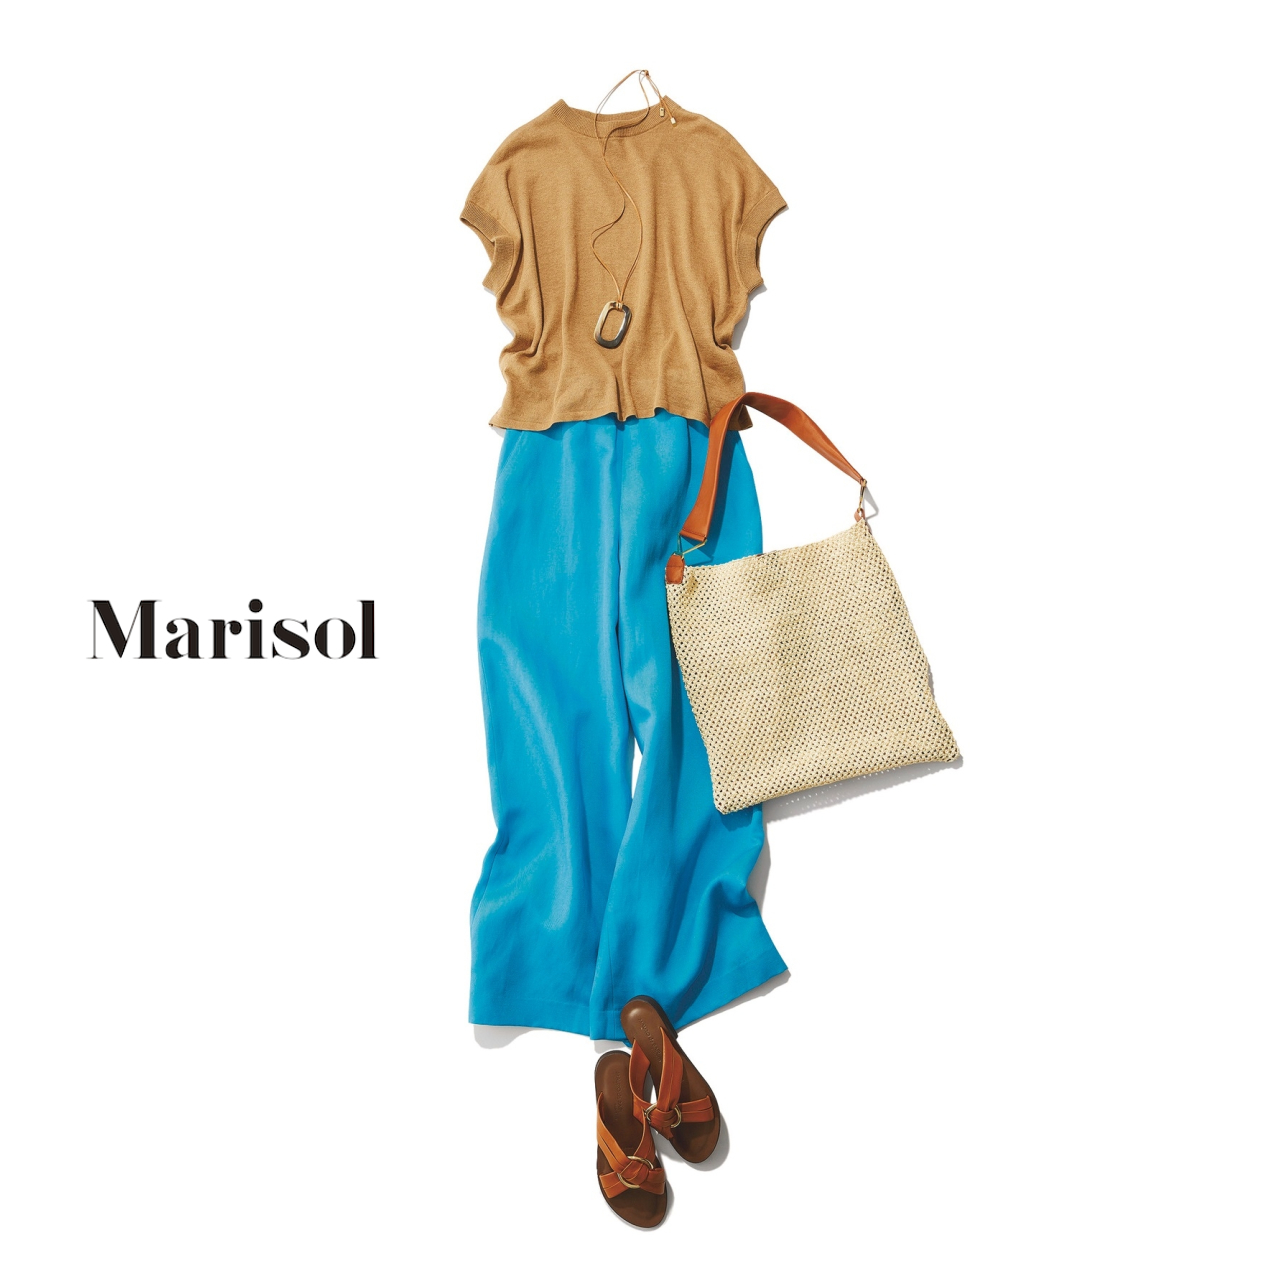 40代ファッションキャメルベージュニット×コバルトブルーワイドパンツコーデ